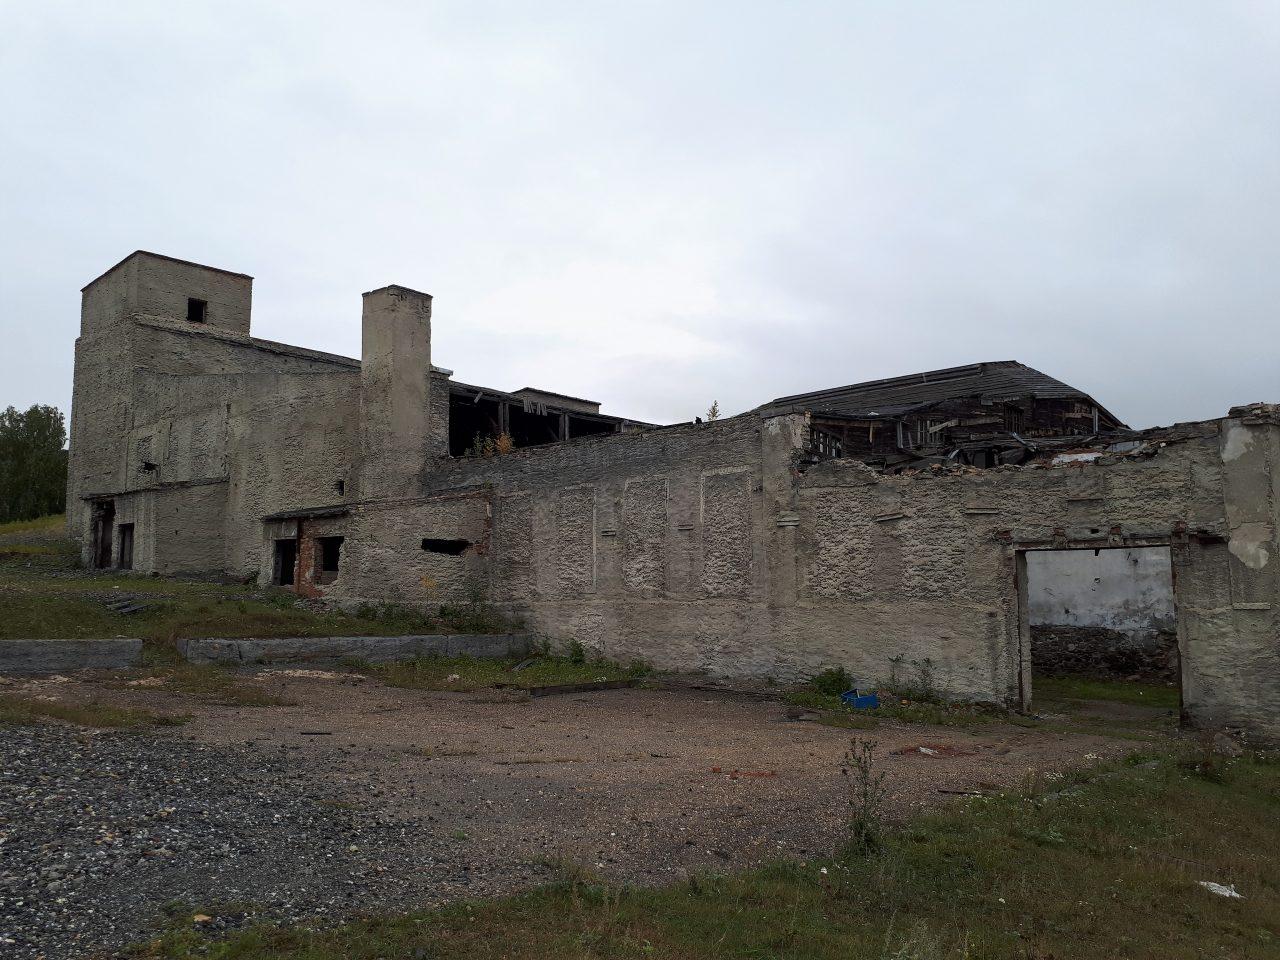 Село Миндяк: заброшенные шахты, карьеры и руины комбината